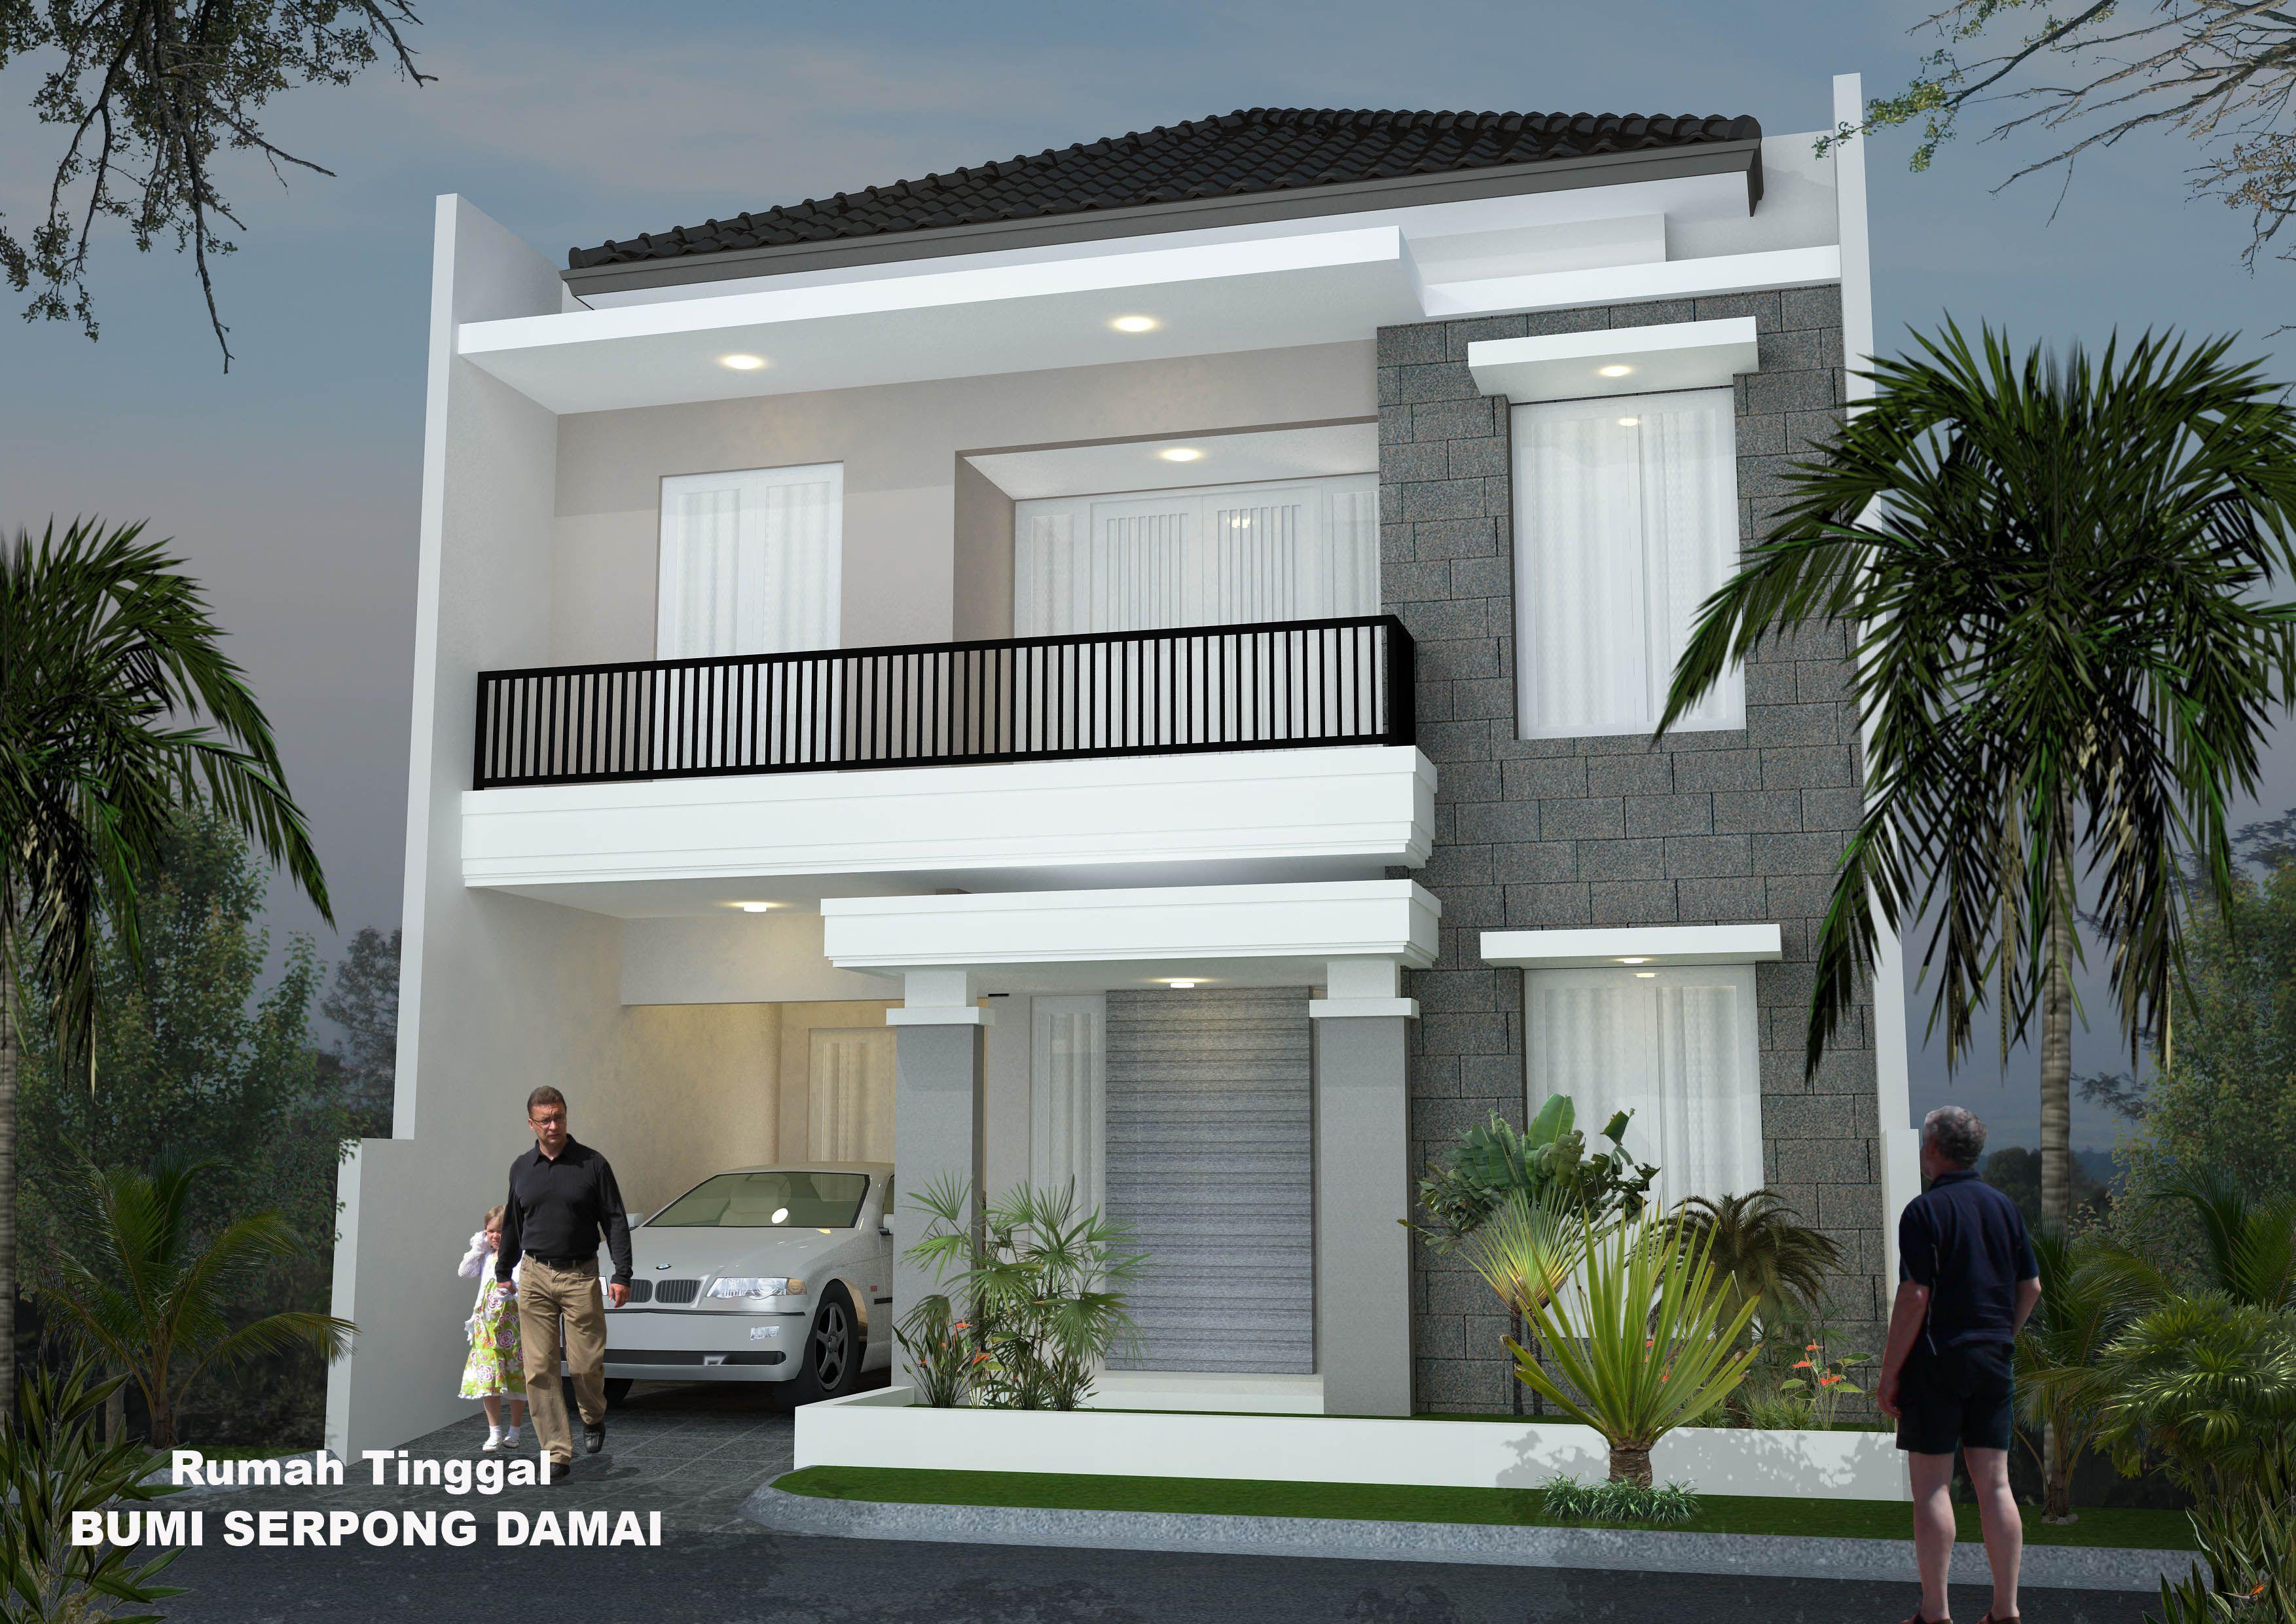 Foto Model Denah Desain Rumah Ruko Minimalis 1 2 Lantai Rumah Minimalis Desain Rumah Rumah